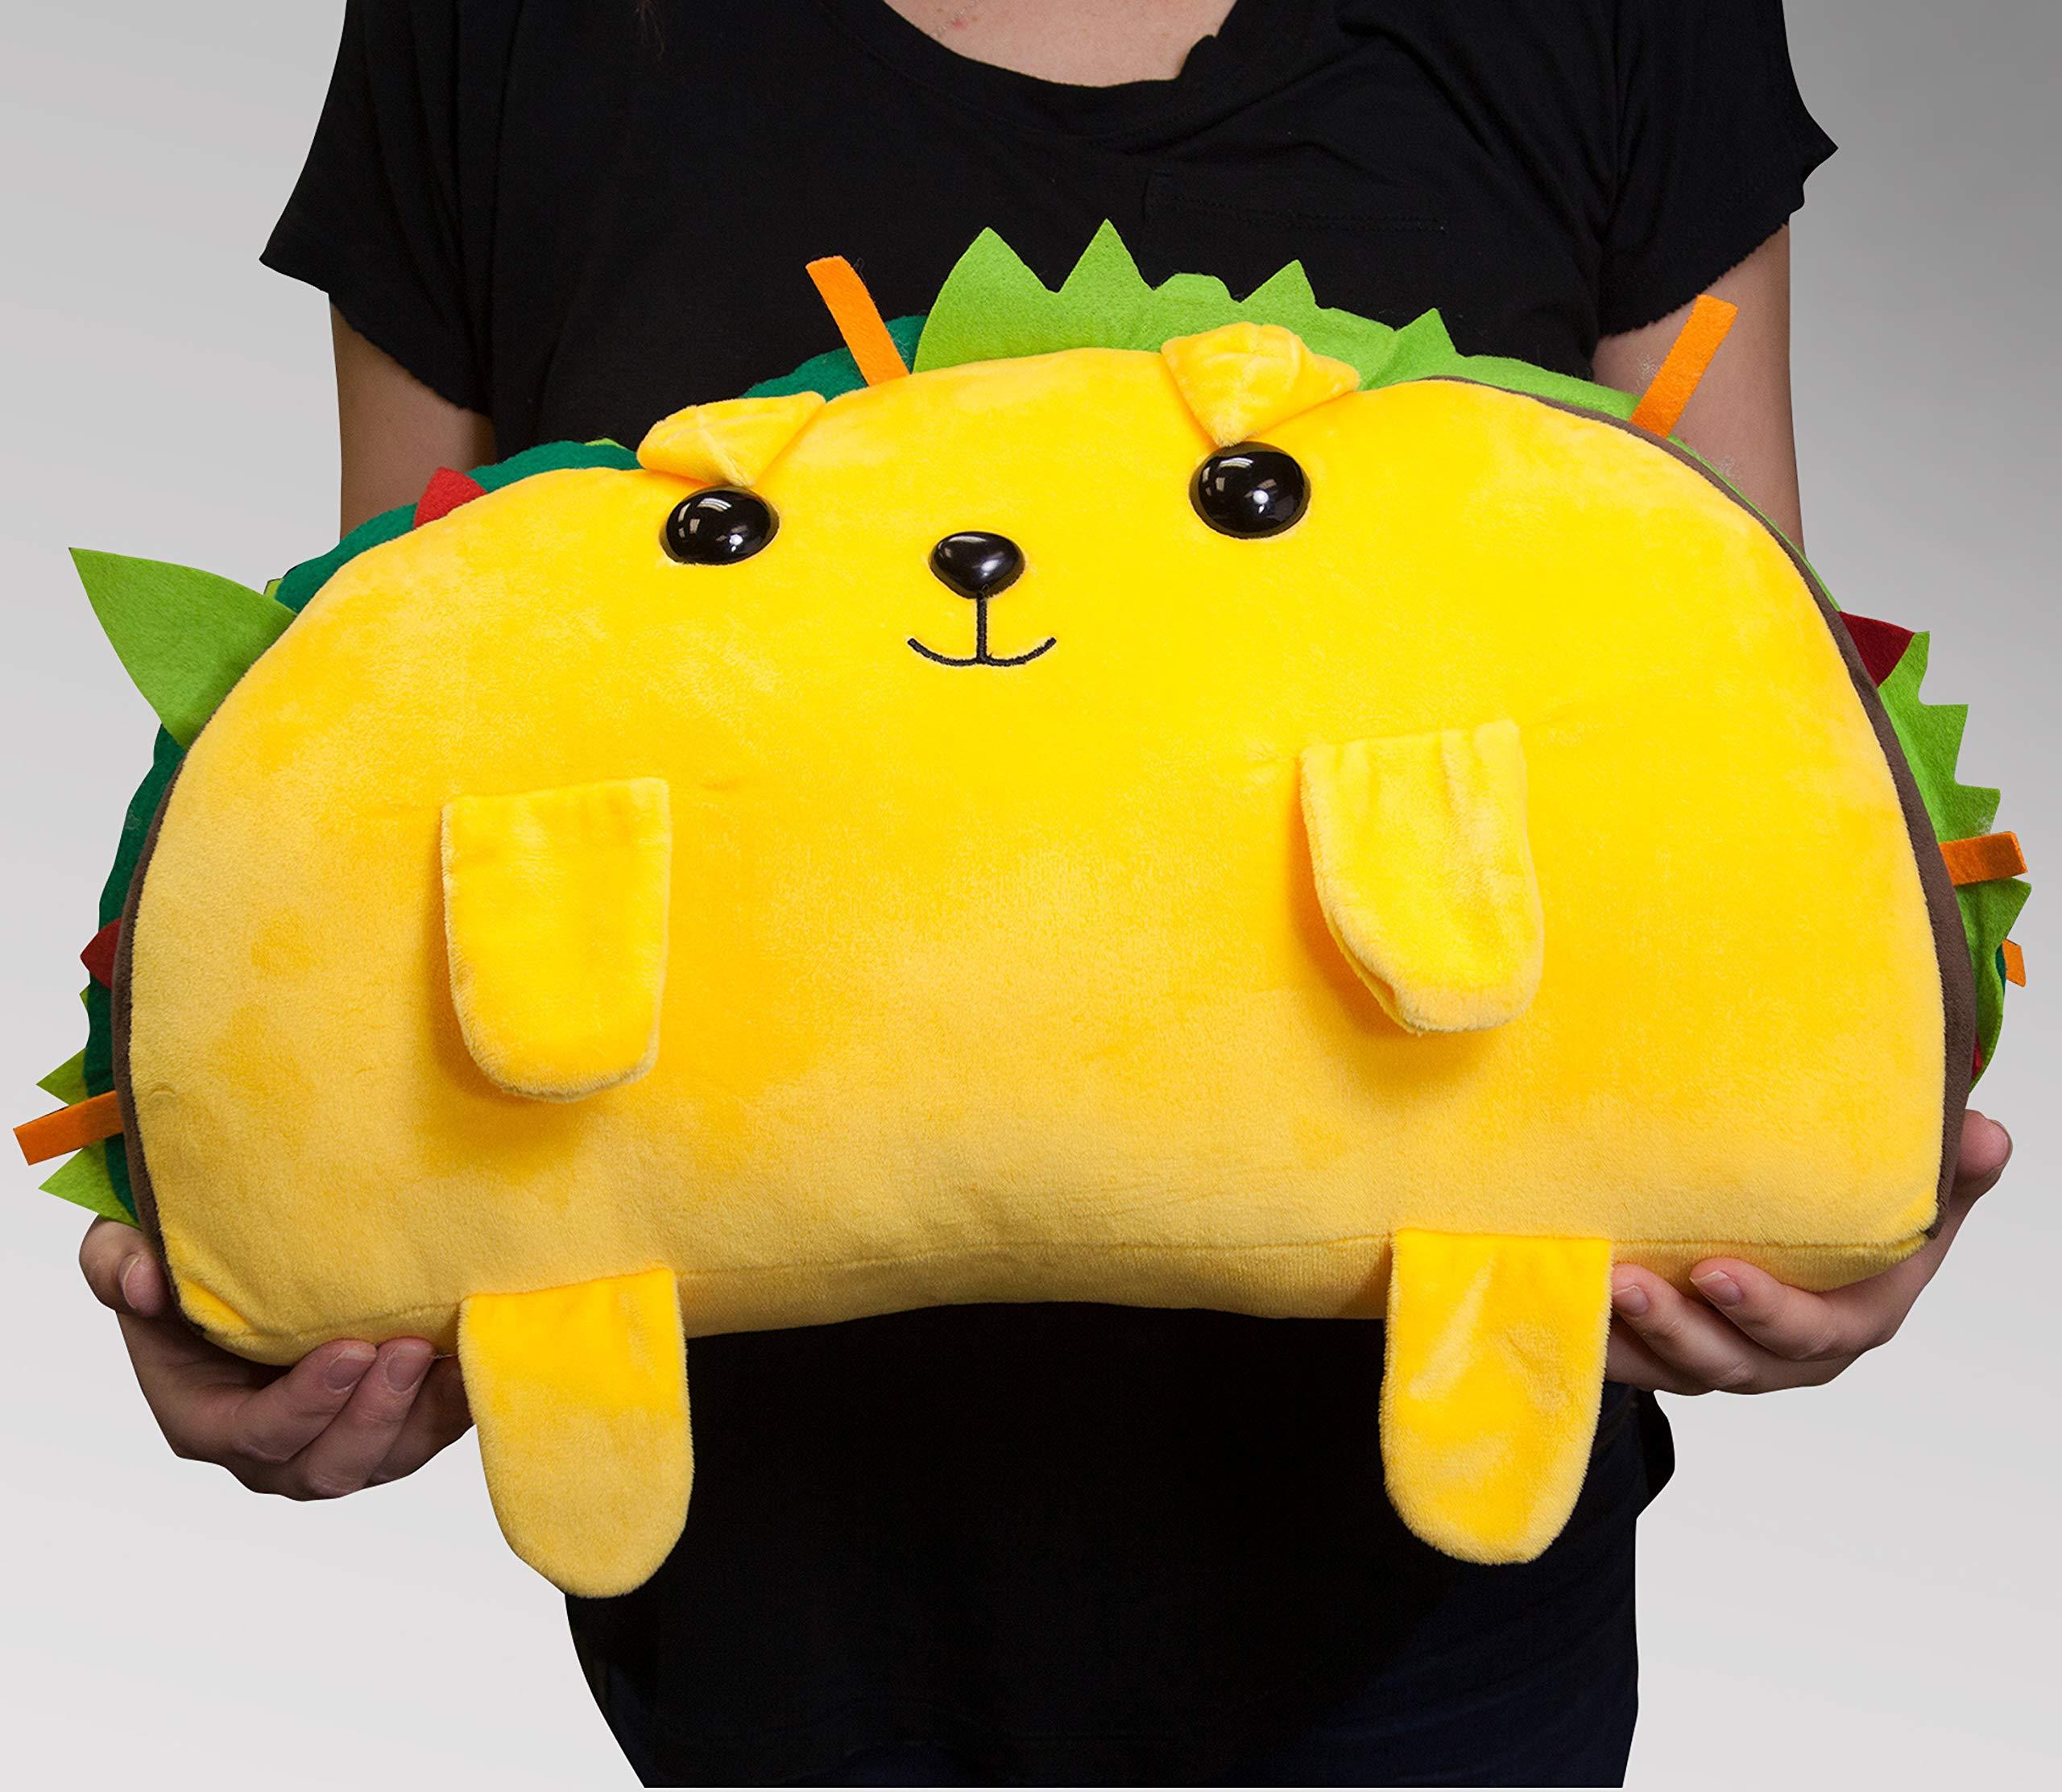 Basic Fun Exploding Kittens Tacocat Jumbo Super Soft Plush